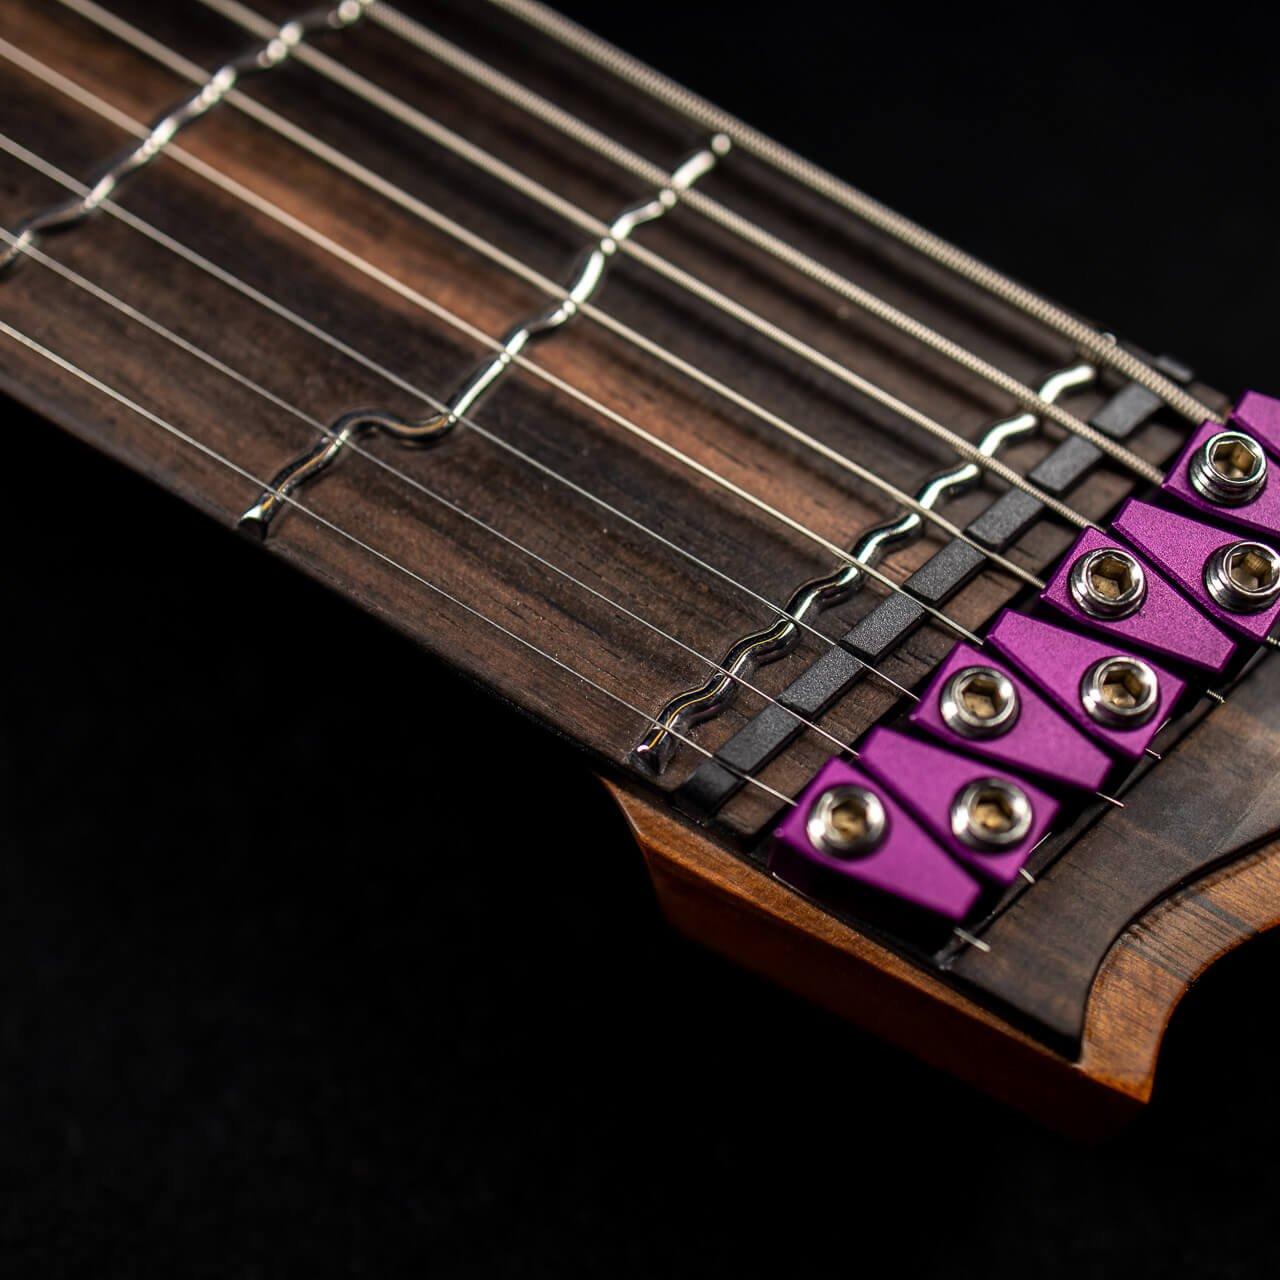 Boden true temperament 8 string headless guitar neck shot